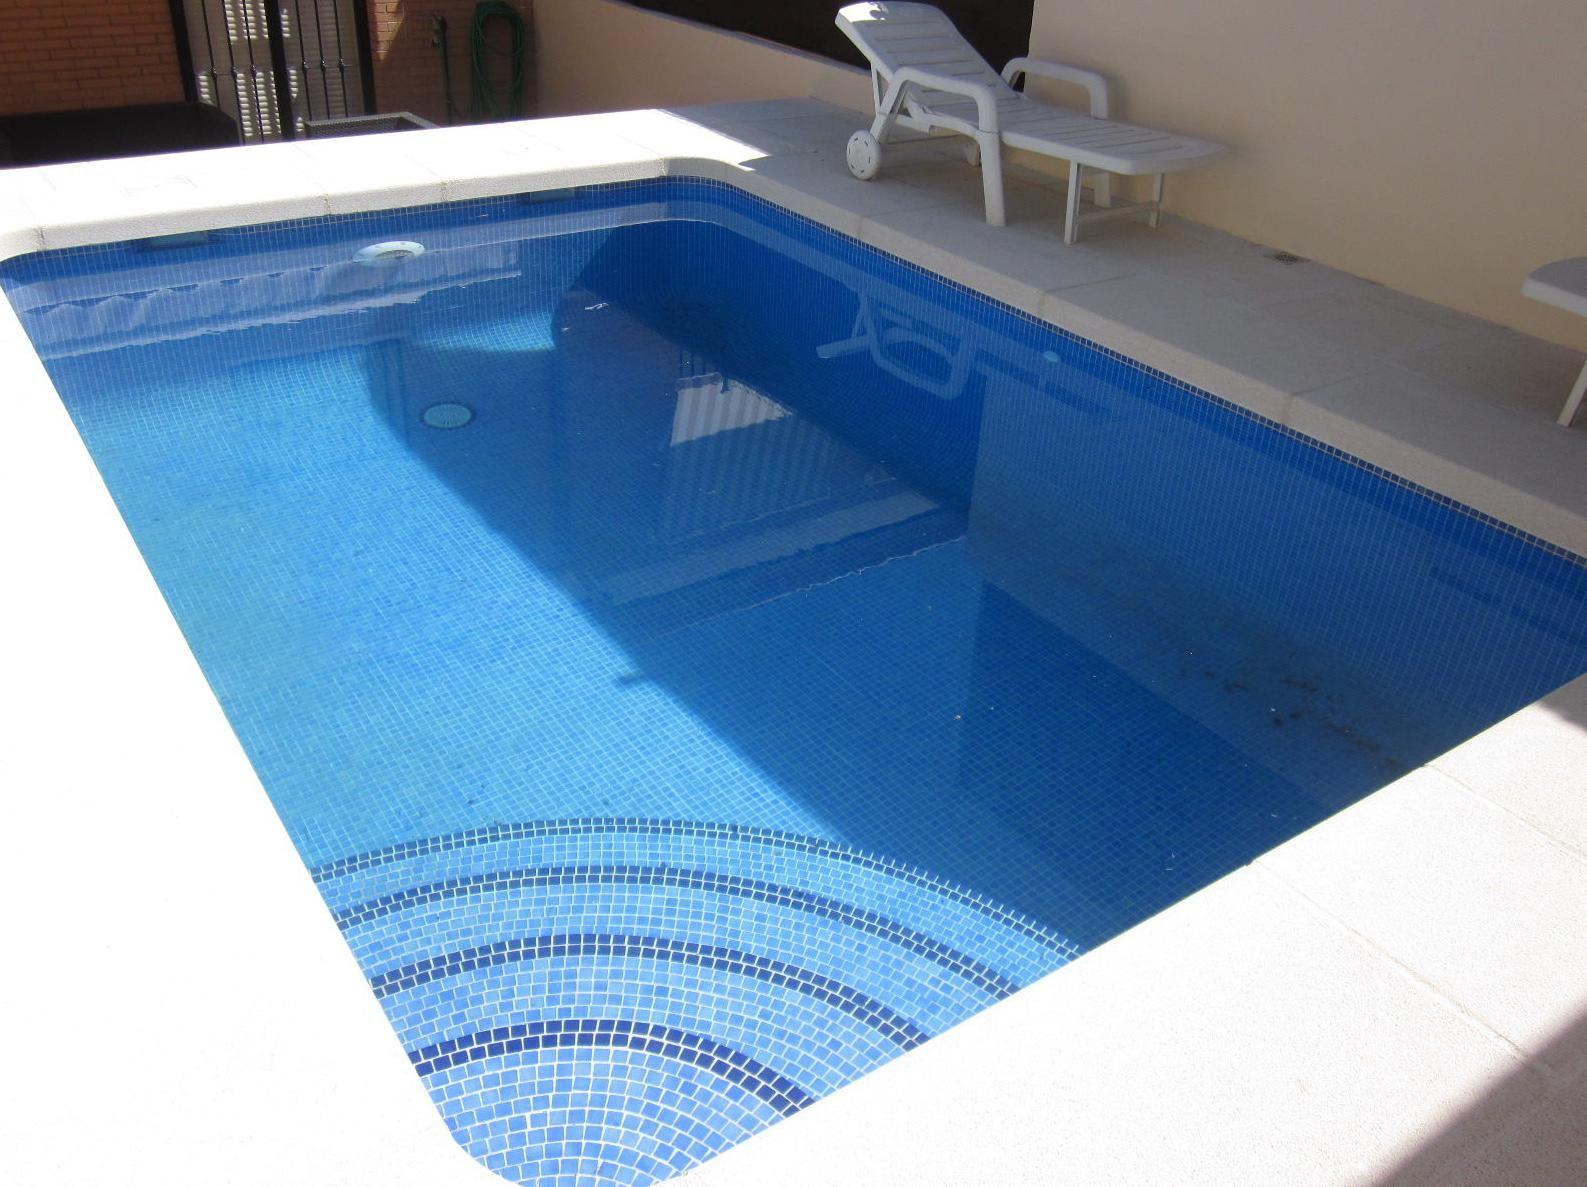 piscina de obra de 5x3 con escalera interior y gresite azul cielo  Piscinas  Piscinas Escalera piscina Gresite piscina